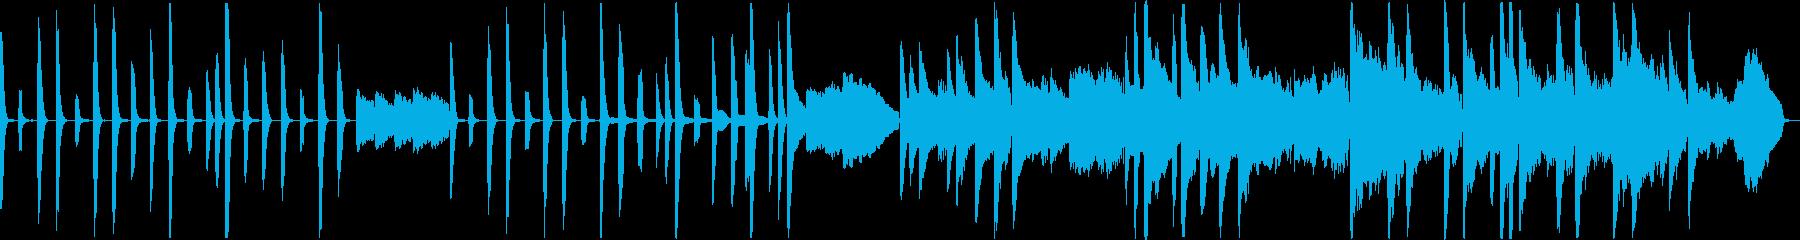 可愛くて切ない励ましBGM(Pf版)の再生済みの波形